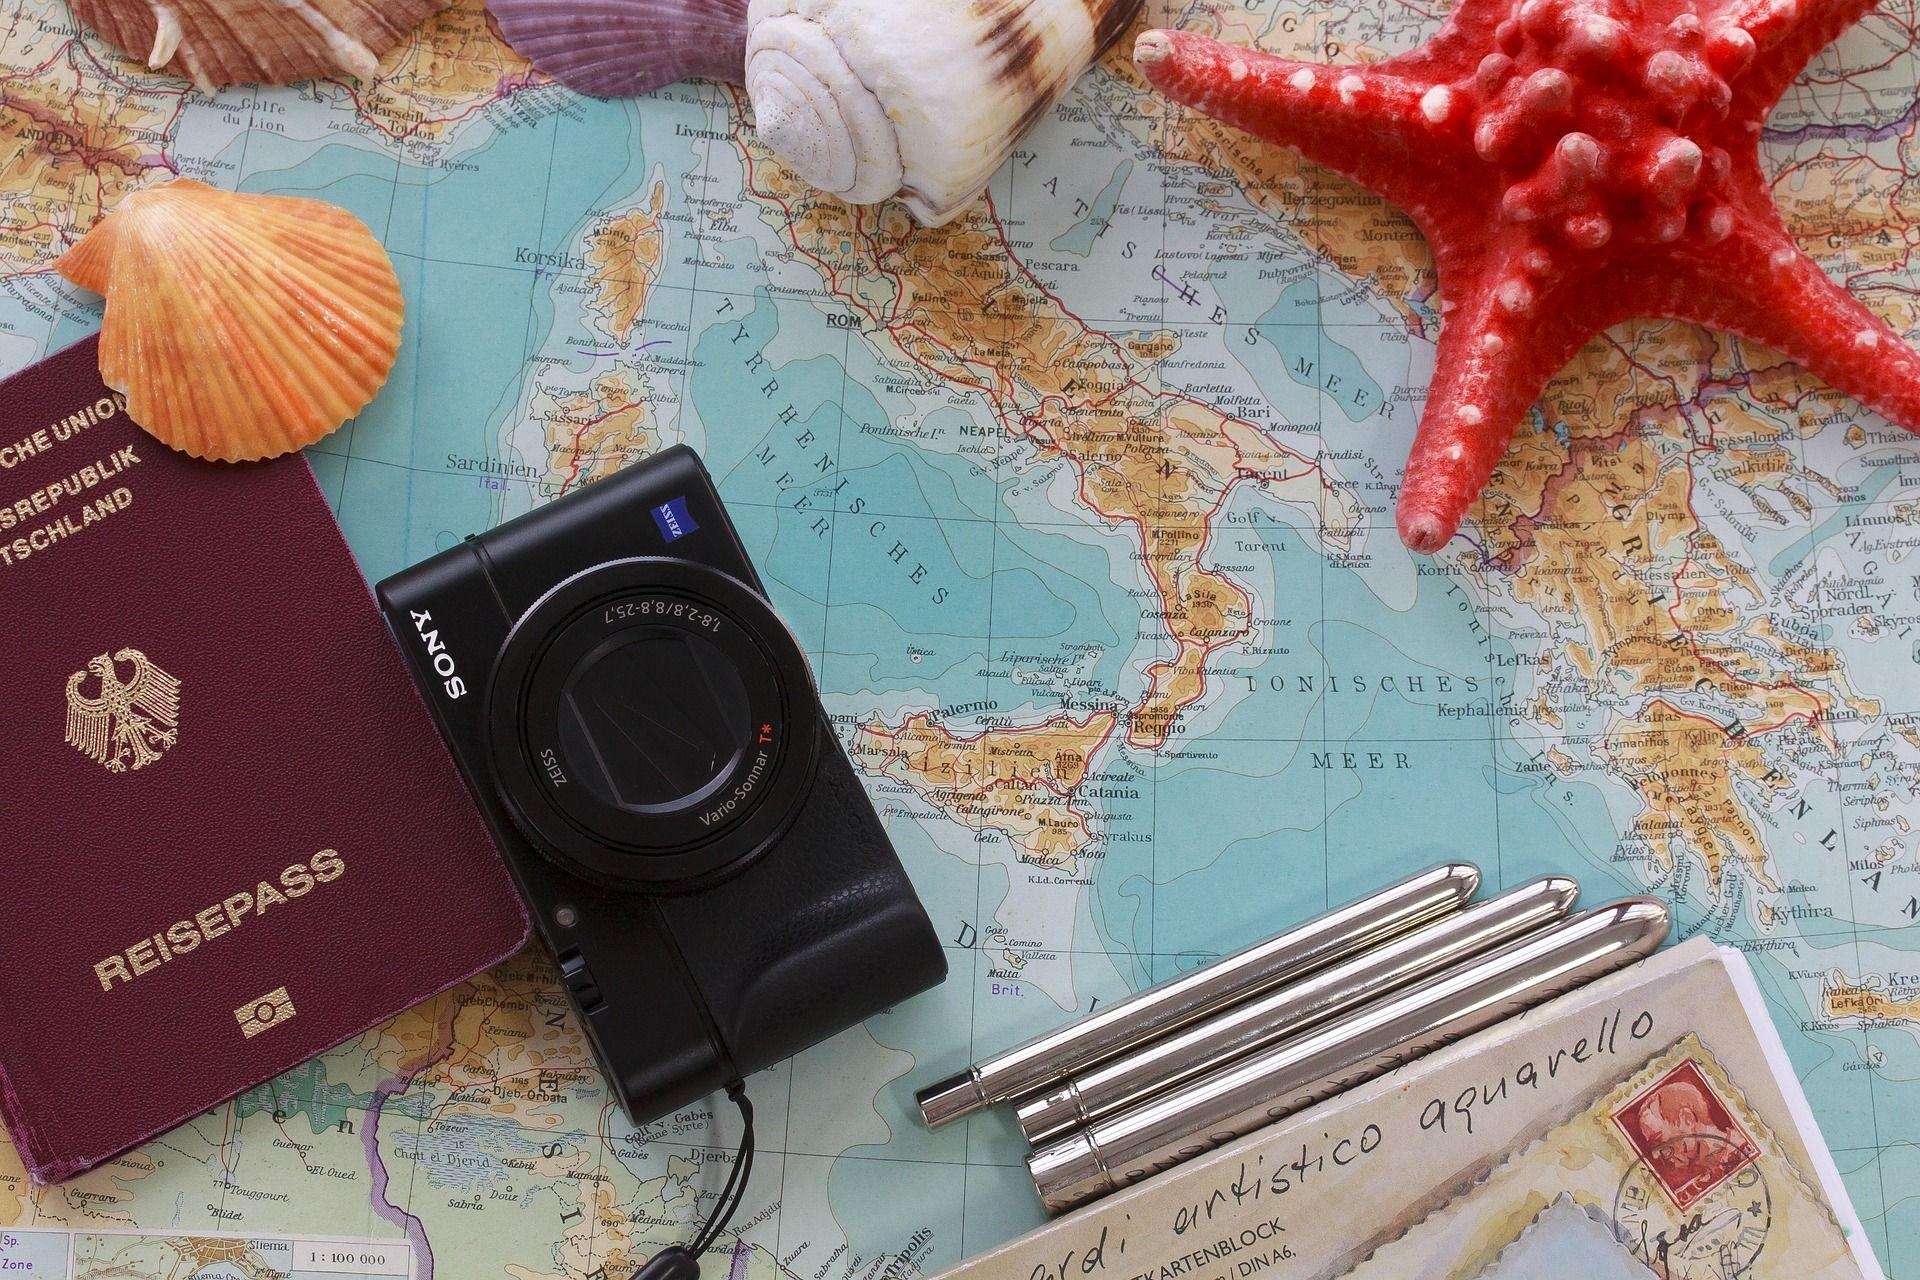 câmera fotográfica, documentos e objetos espalhados sobre mapa